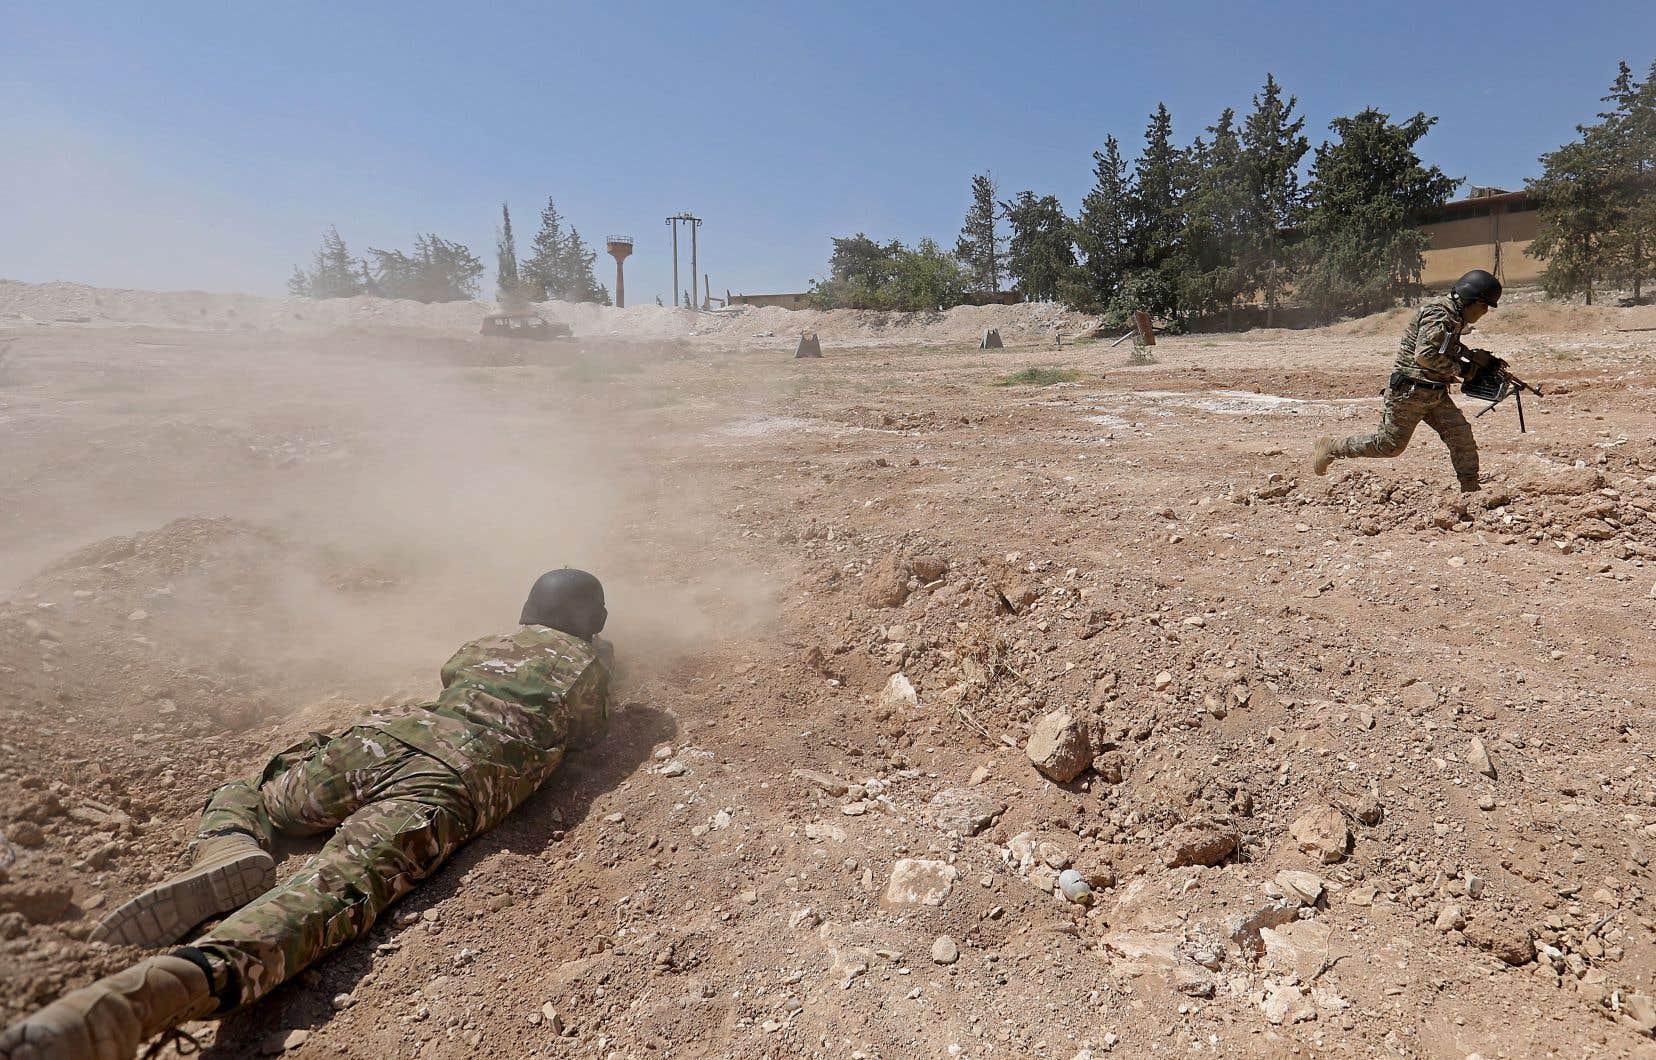 Des combattants rebelles syriens se préparent à une offensive des forces gouvernementales, dans la campagne du nord de la province d'Idlib, contrôlée par les rebelles.